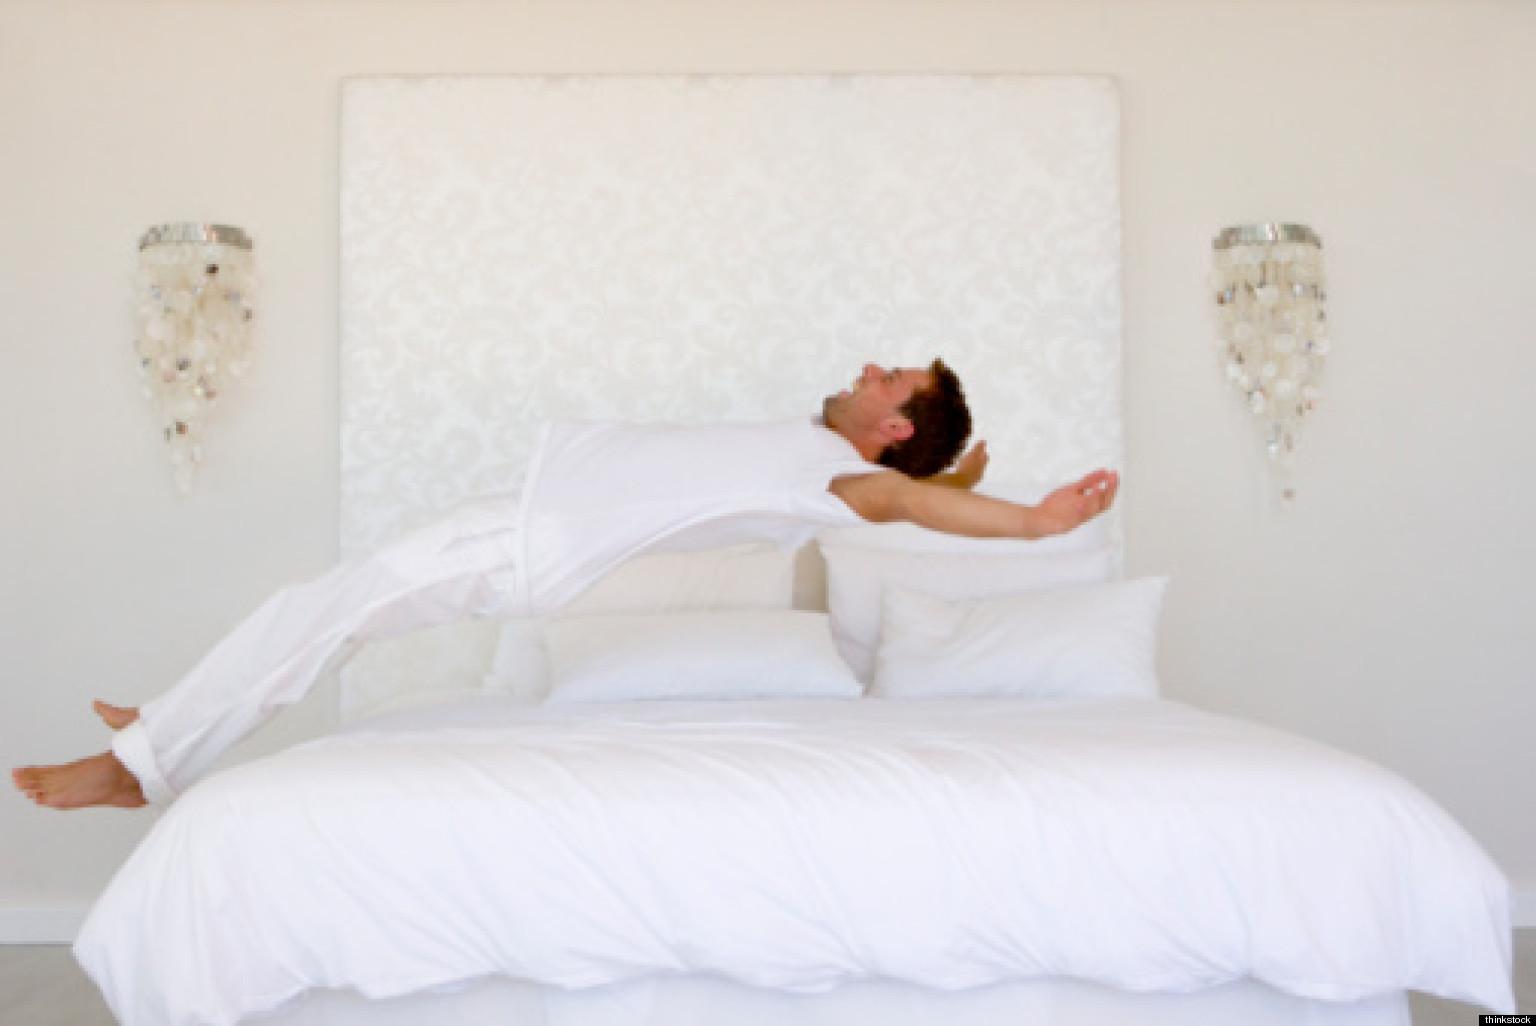 Giornata mondiale del sonno 10 consigli per dormire bene foto - Durare piu a letto ...